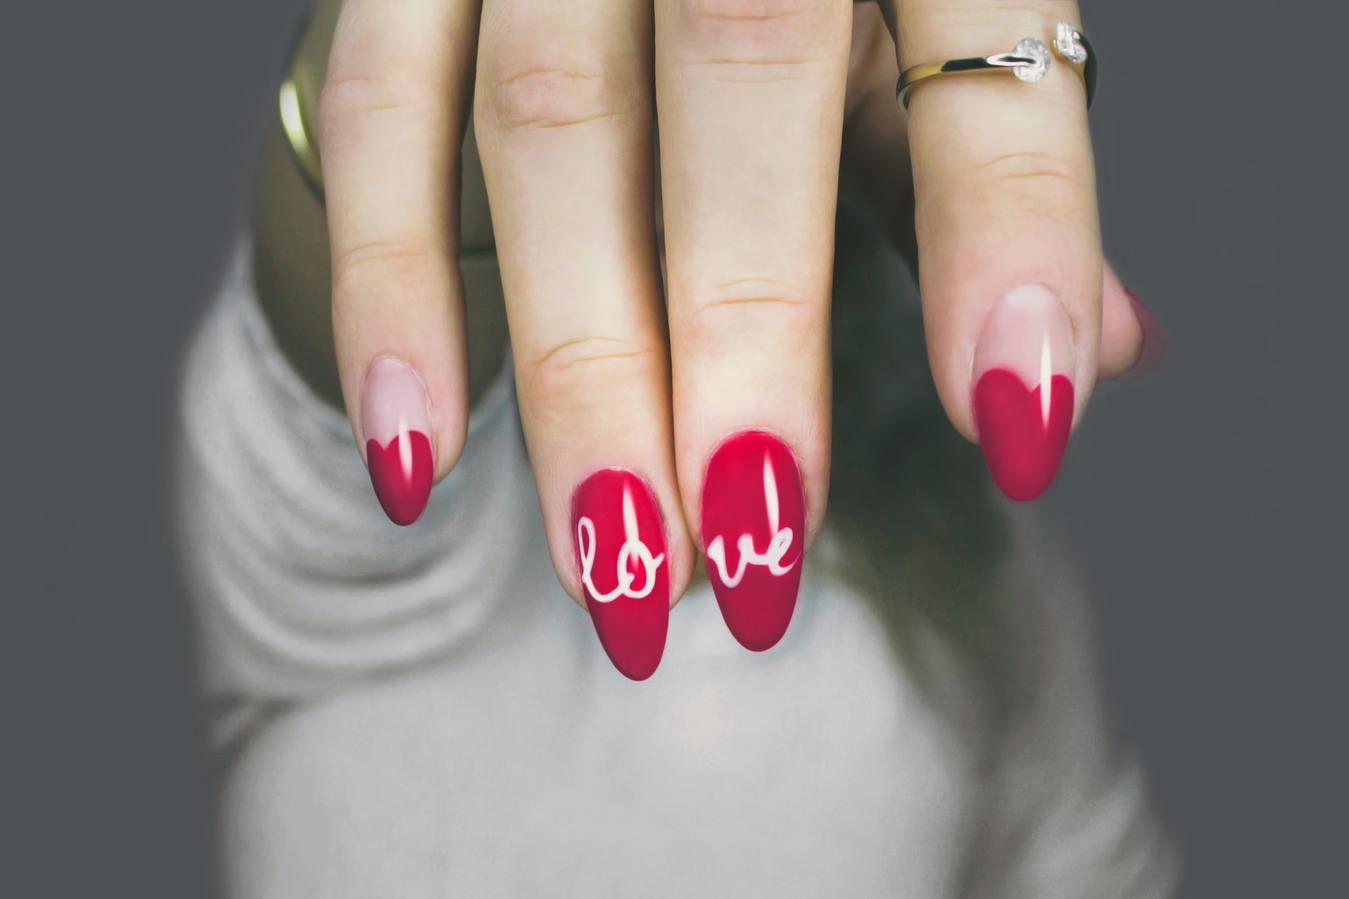 Unhas pintadas de vermelho com a palavra Love